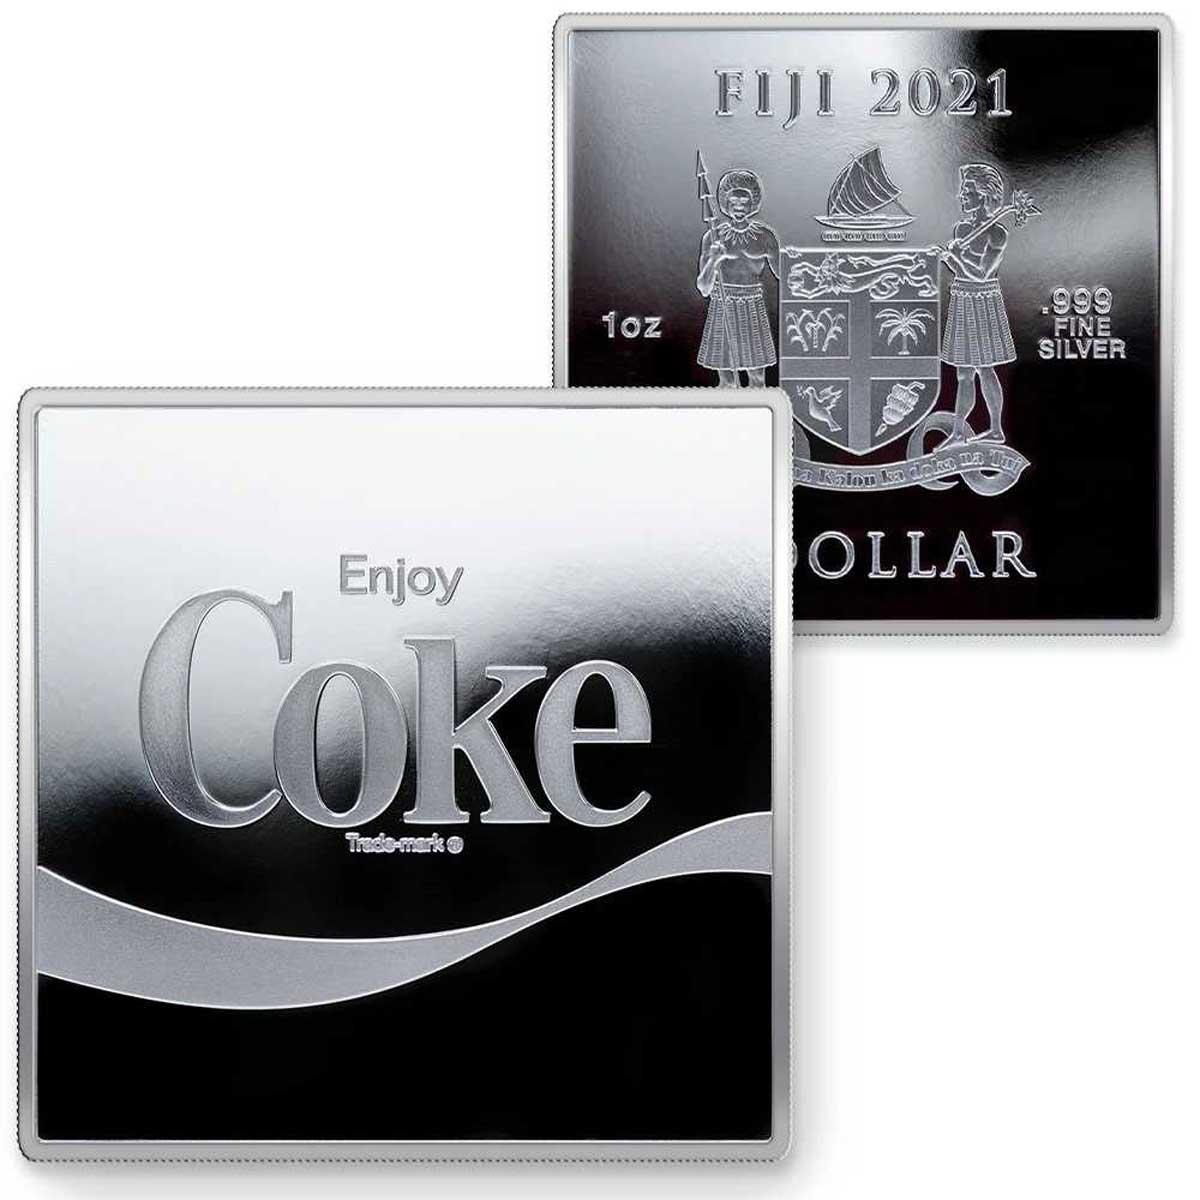 fidji-2021-coca-cola